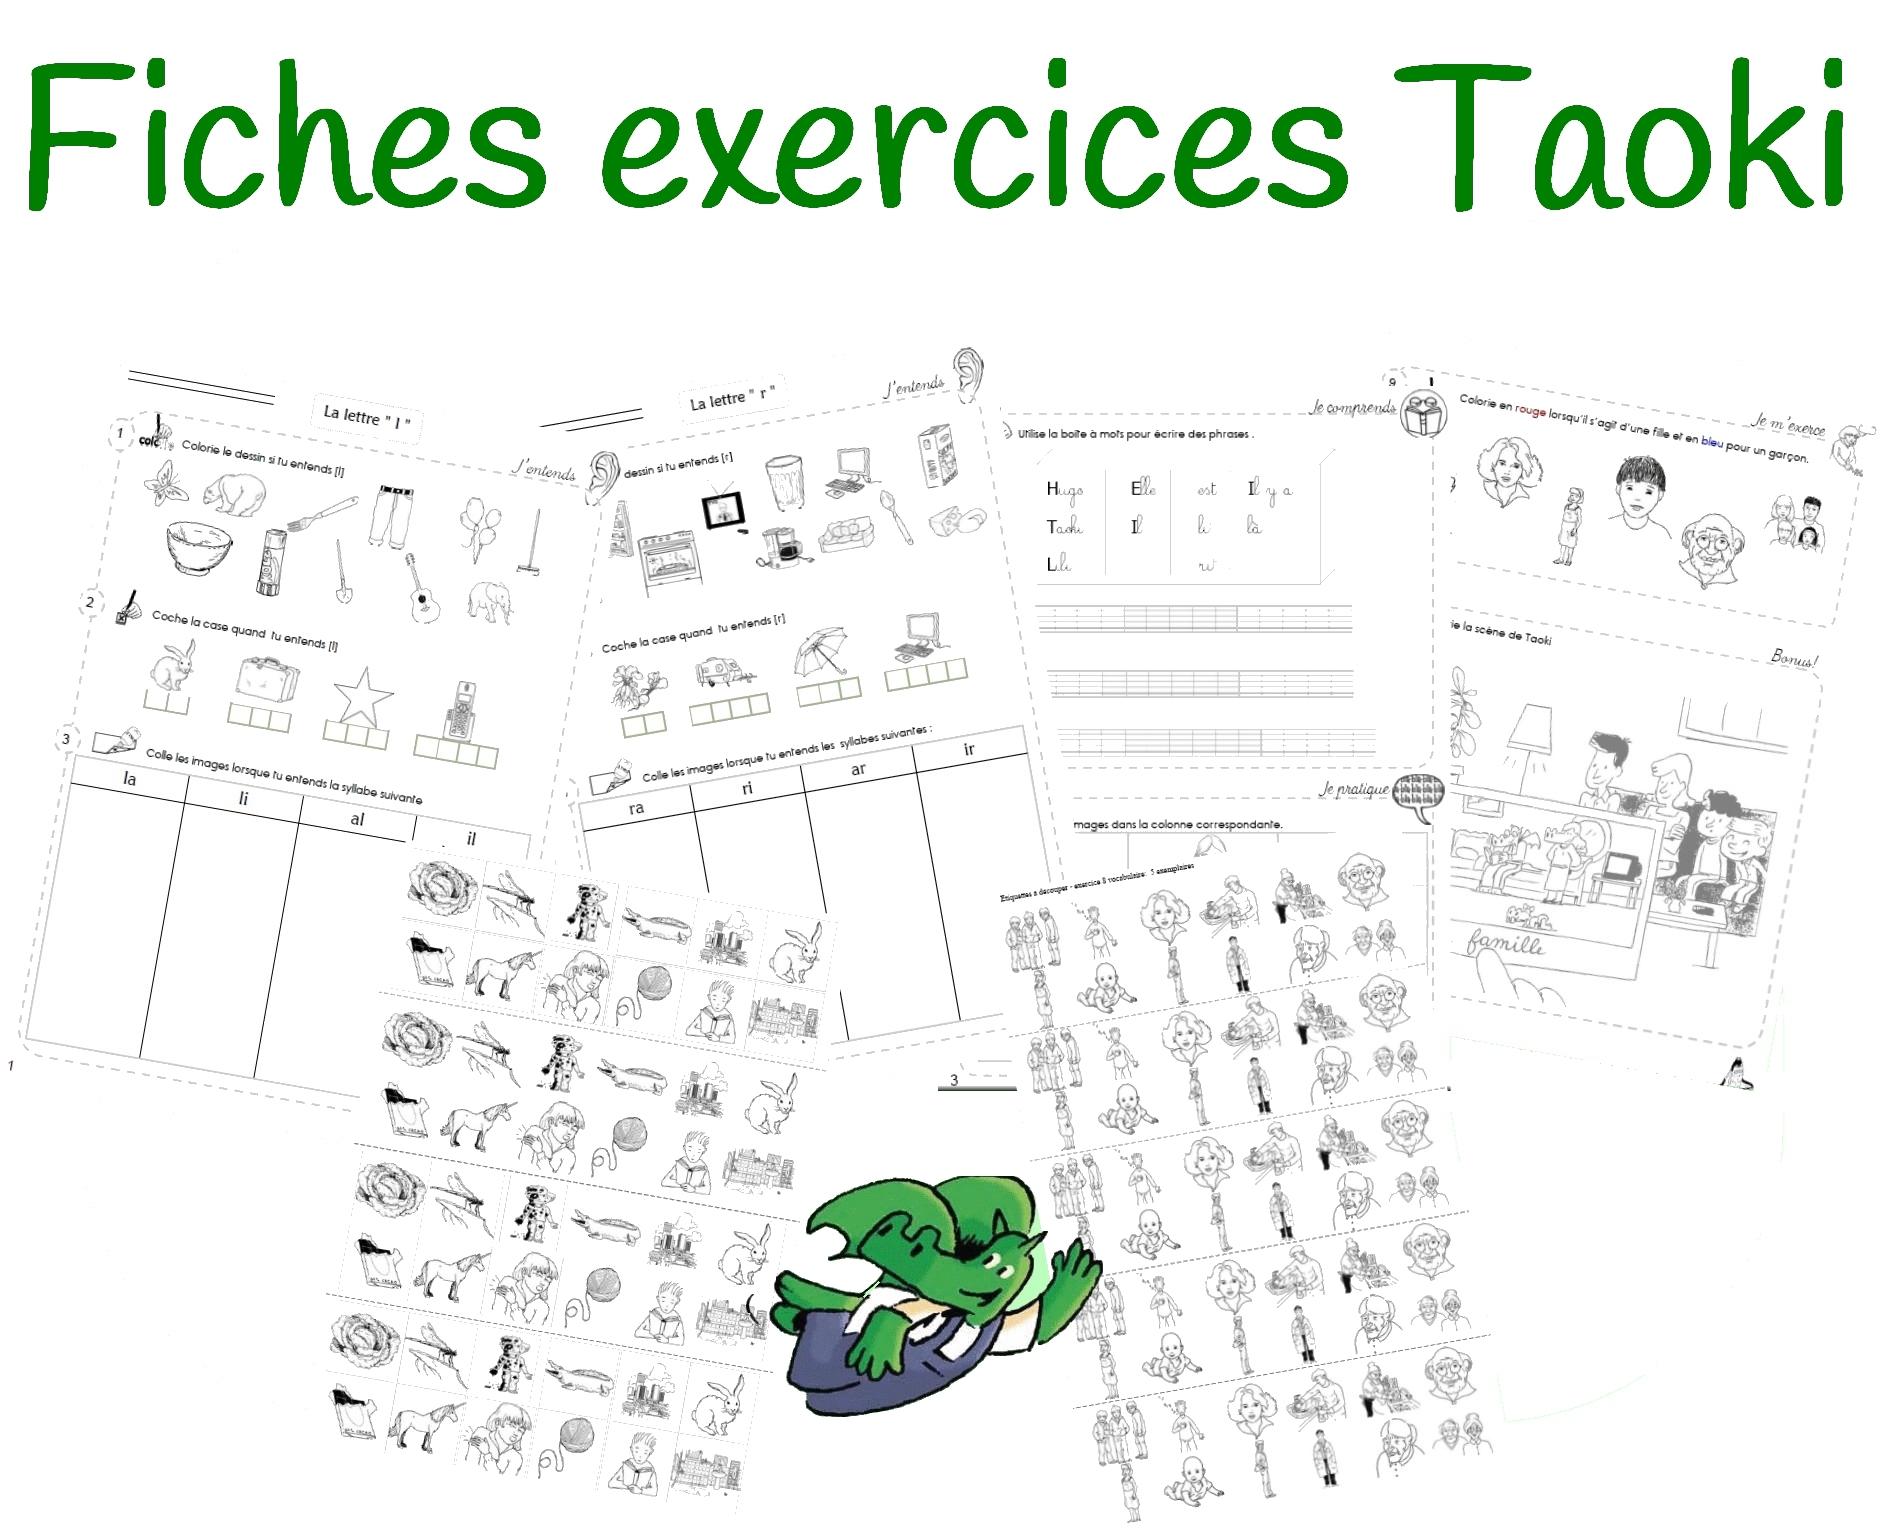 Fiches D'exercices Différenciées Taoki concernant Exercice Cm2 Gratuit